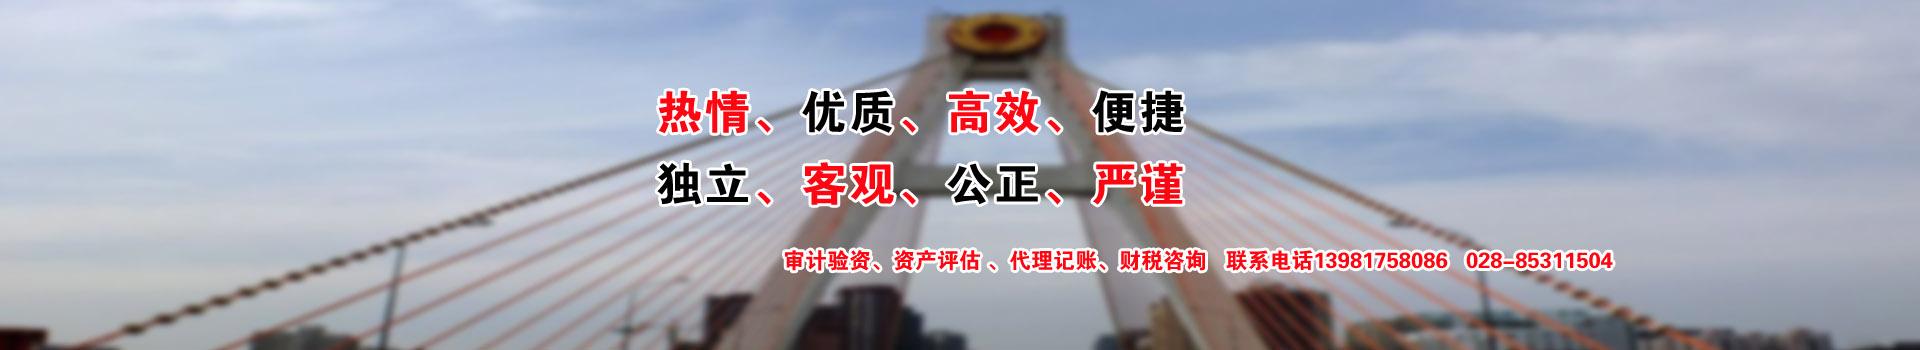 四川锦程万博manxbet官网无法登陆万博体育网页在线登录有限责任公司